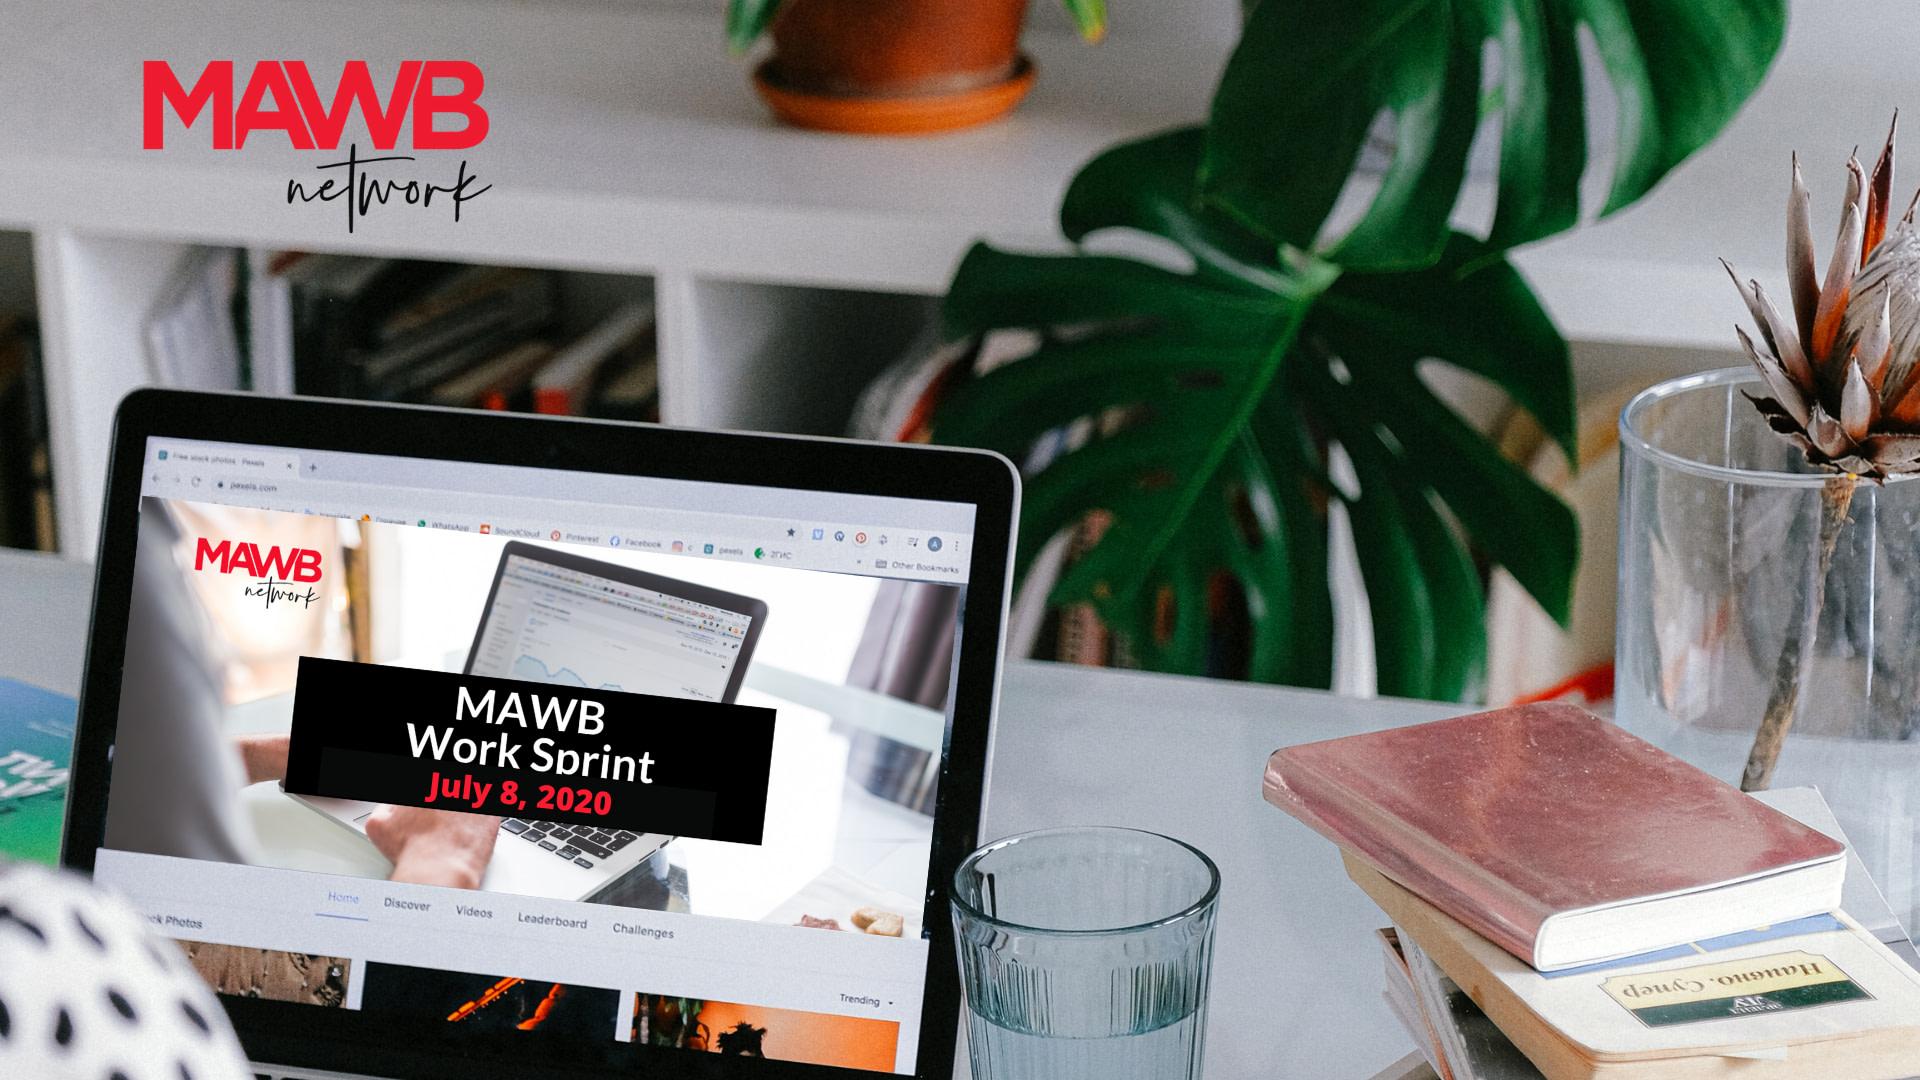 MAWB Work Sprint - July 8th